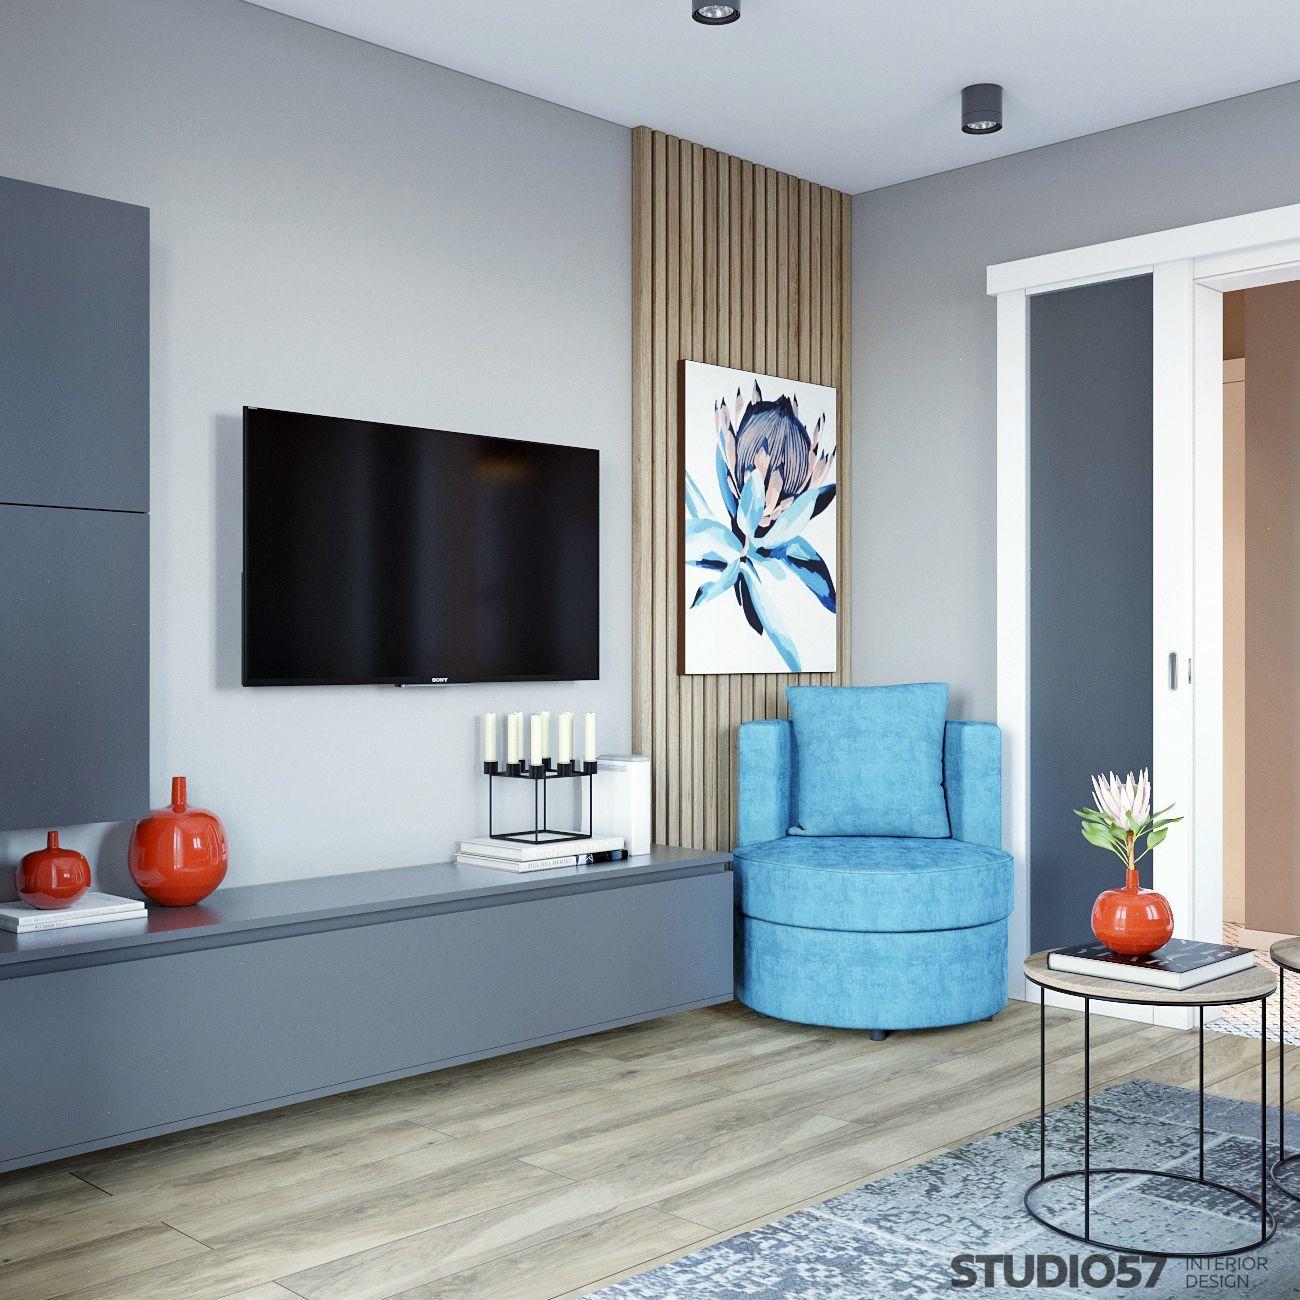 Интерьер квартиры с элементами авангарда